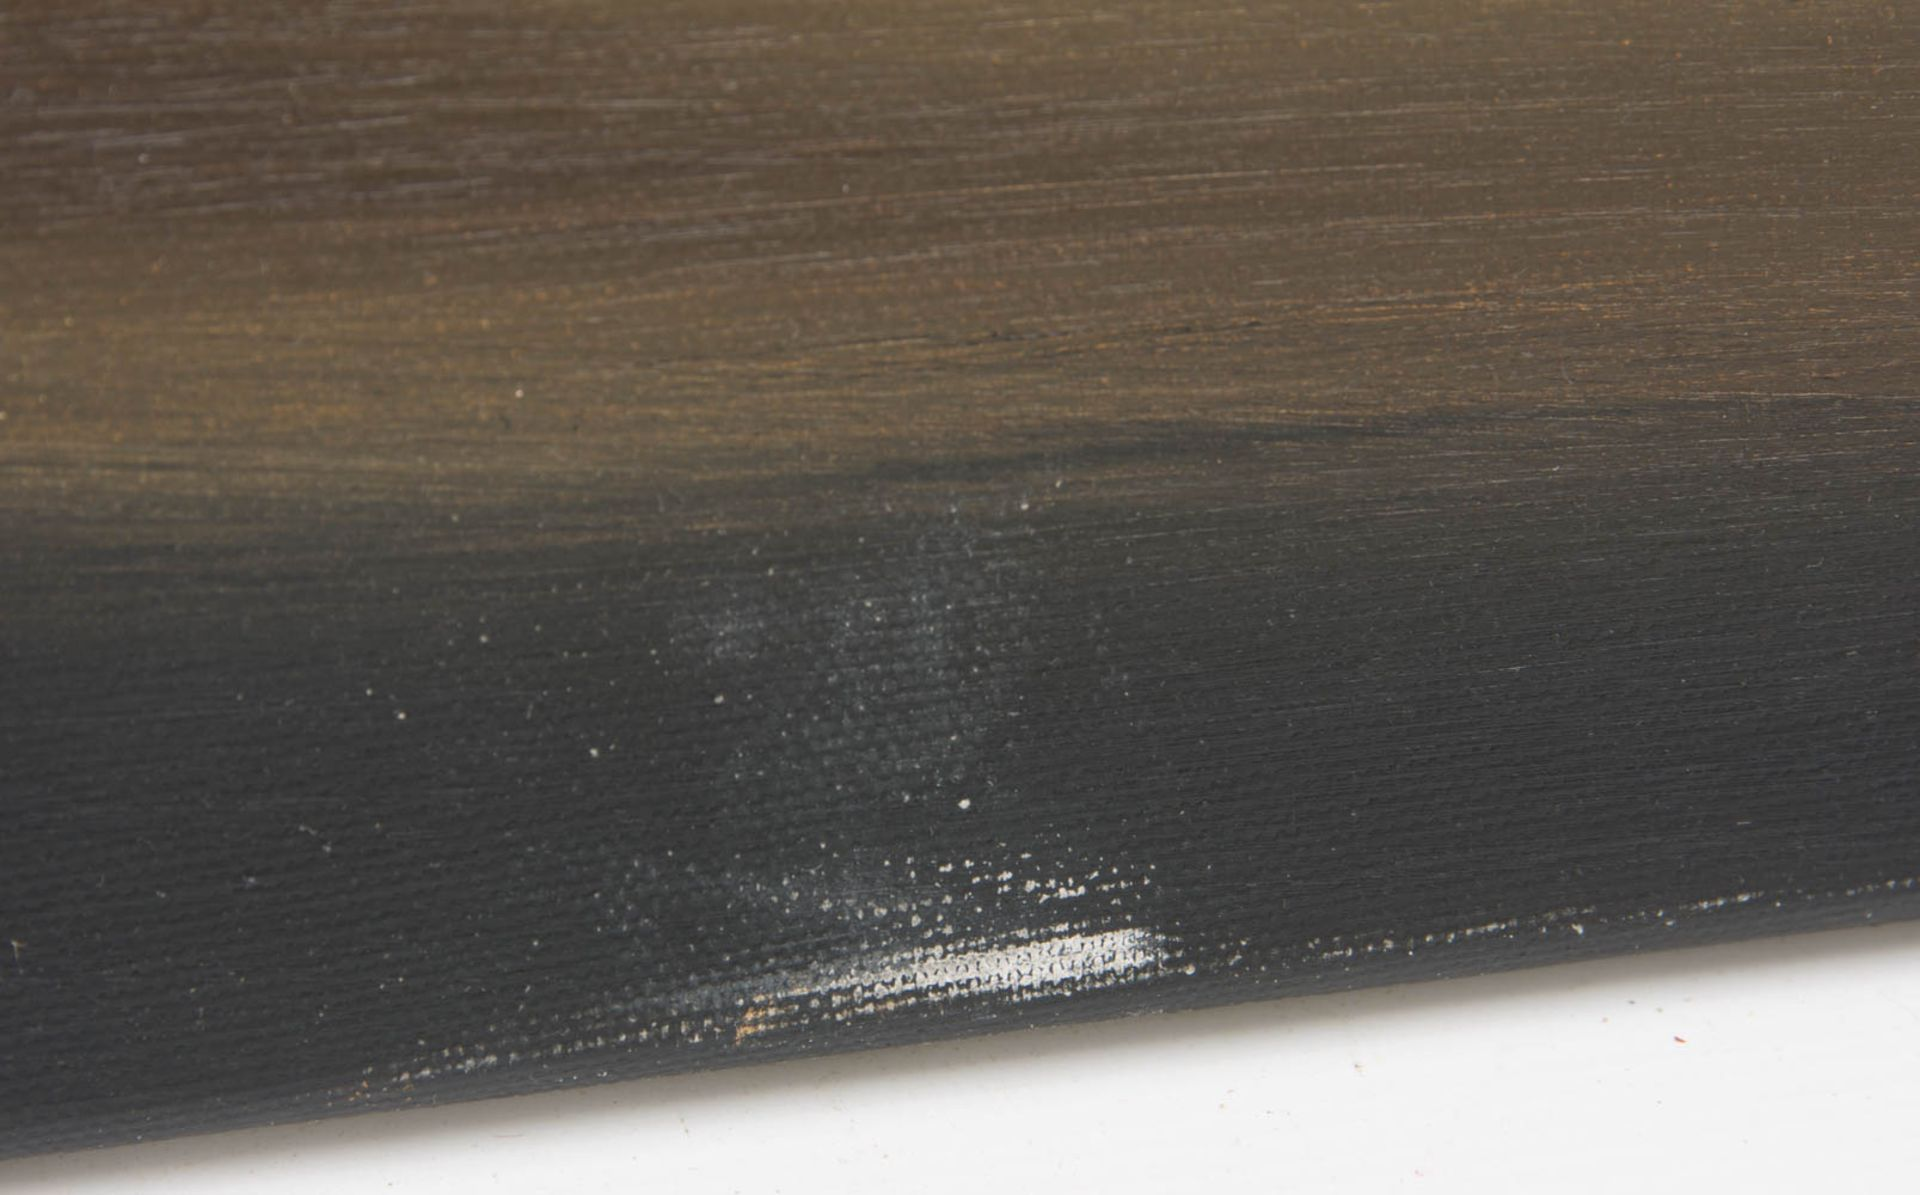 Remi Bertoche, Wellen im Abendrot, Öl auf Leinwand, 20./21. Jh.Oben rechts signiert.< - Bild 3 aus 5